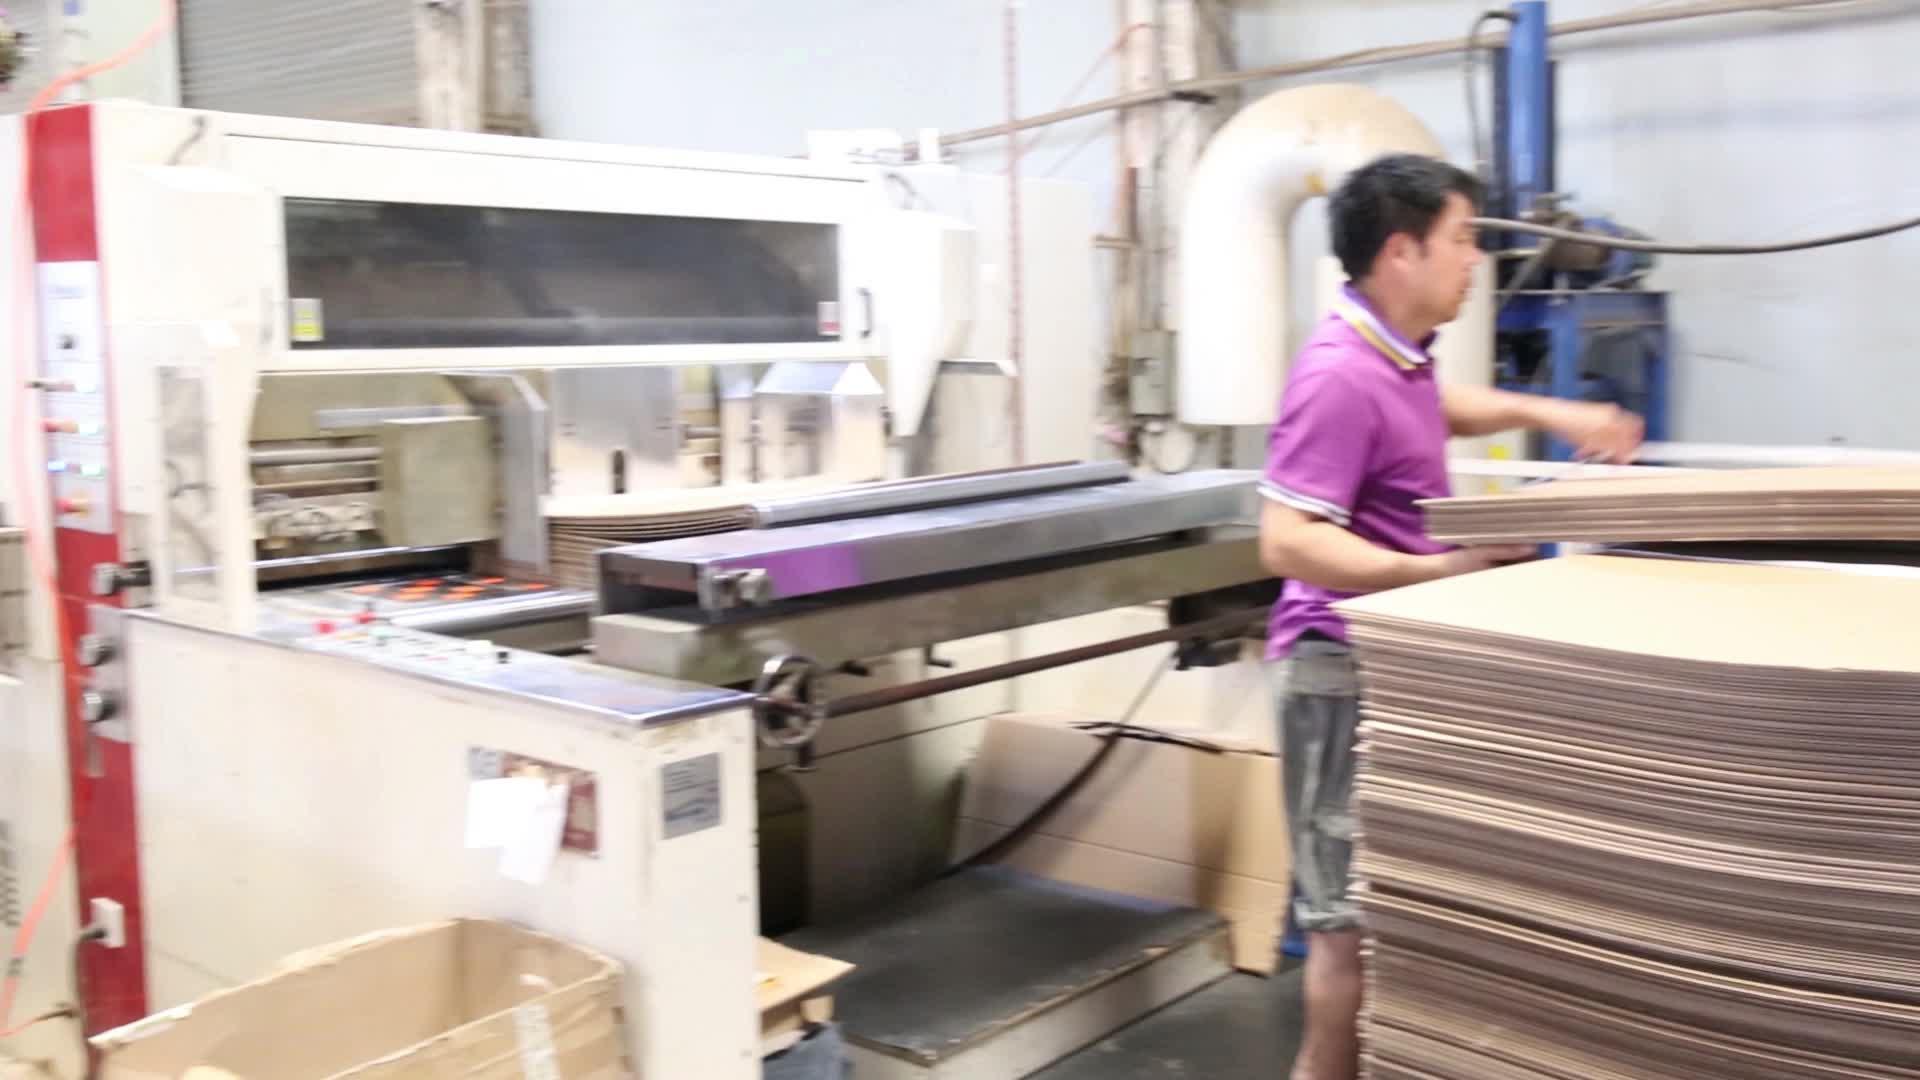 थोक कारखाने अनुकूलित लोगो नालीदार मुद्रित मेलिंग पैकेजिंग शिपिंग दफ़्ती बक्से